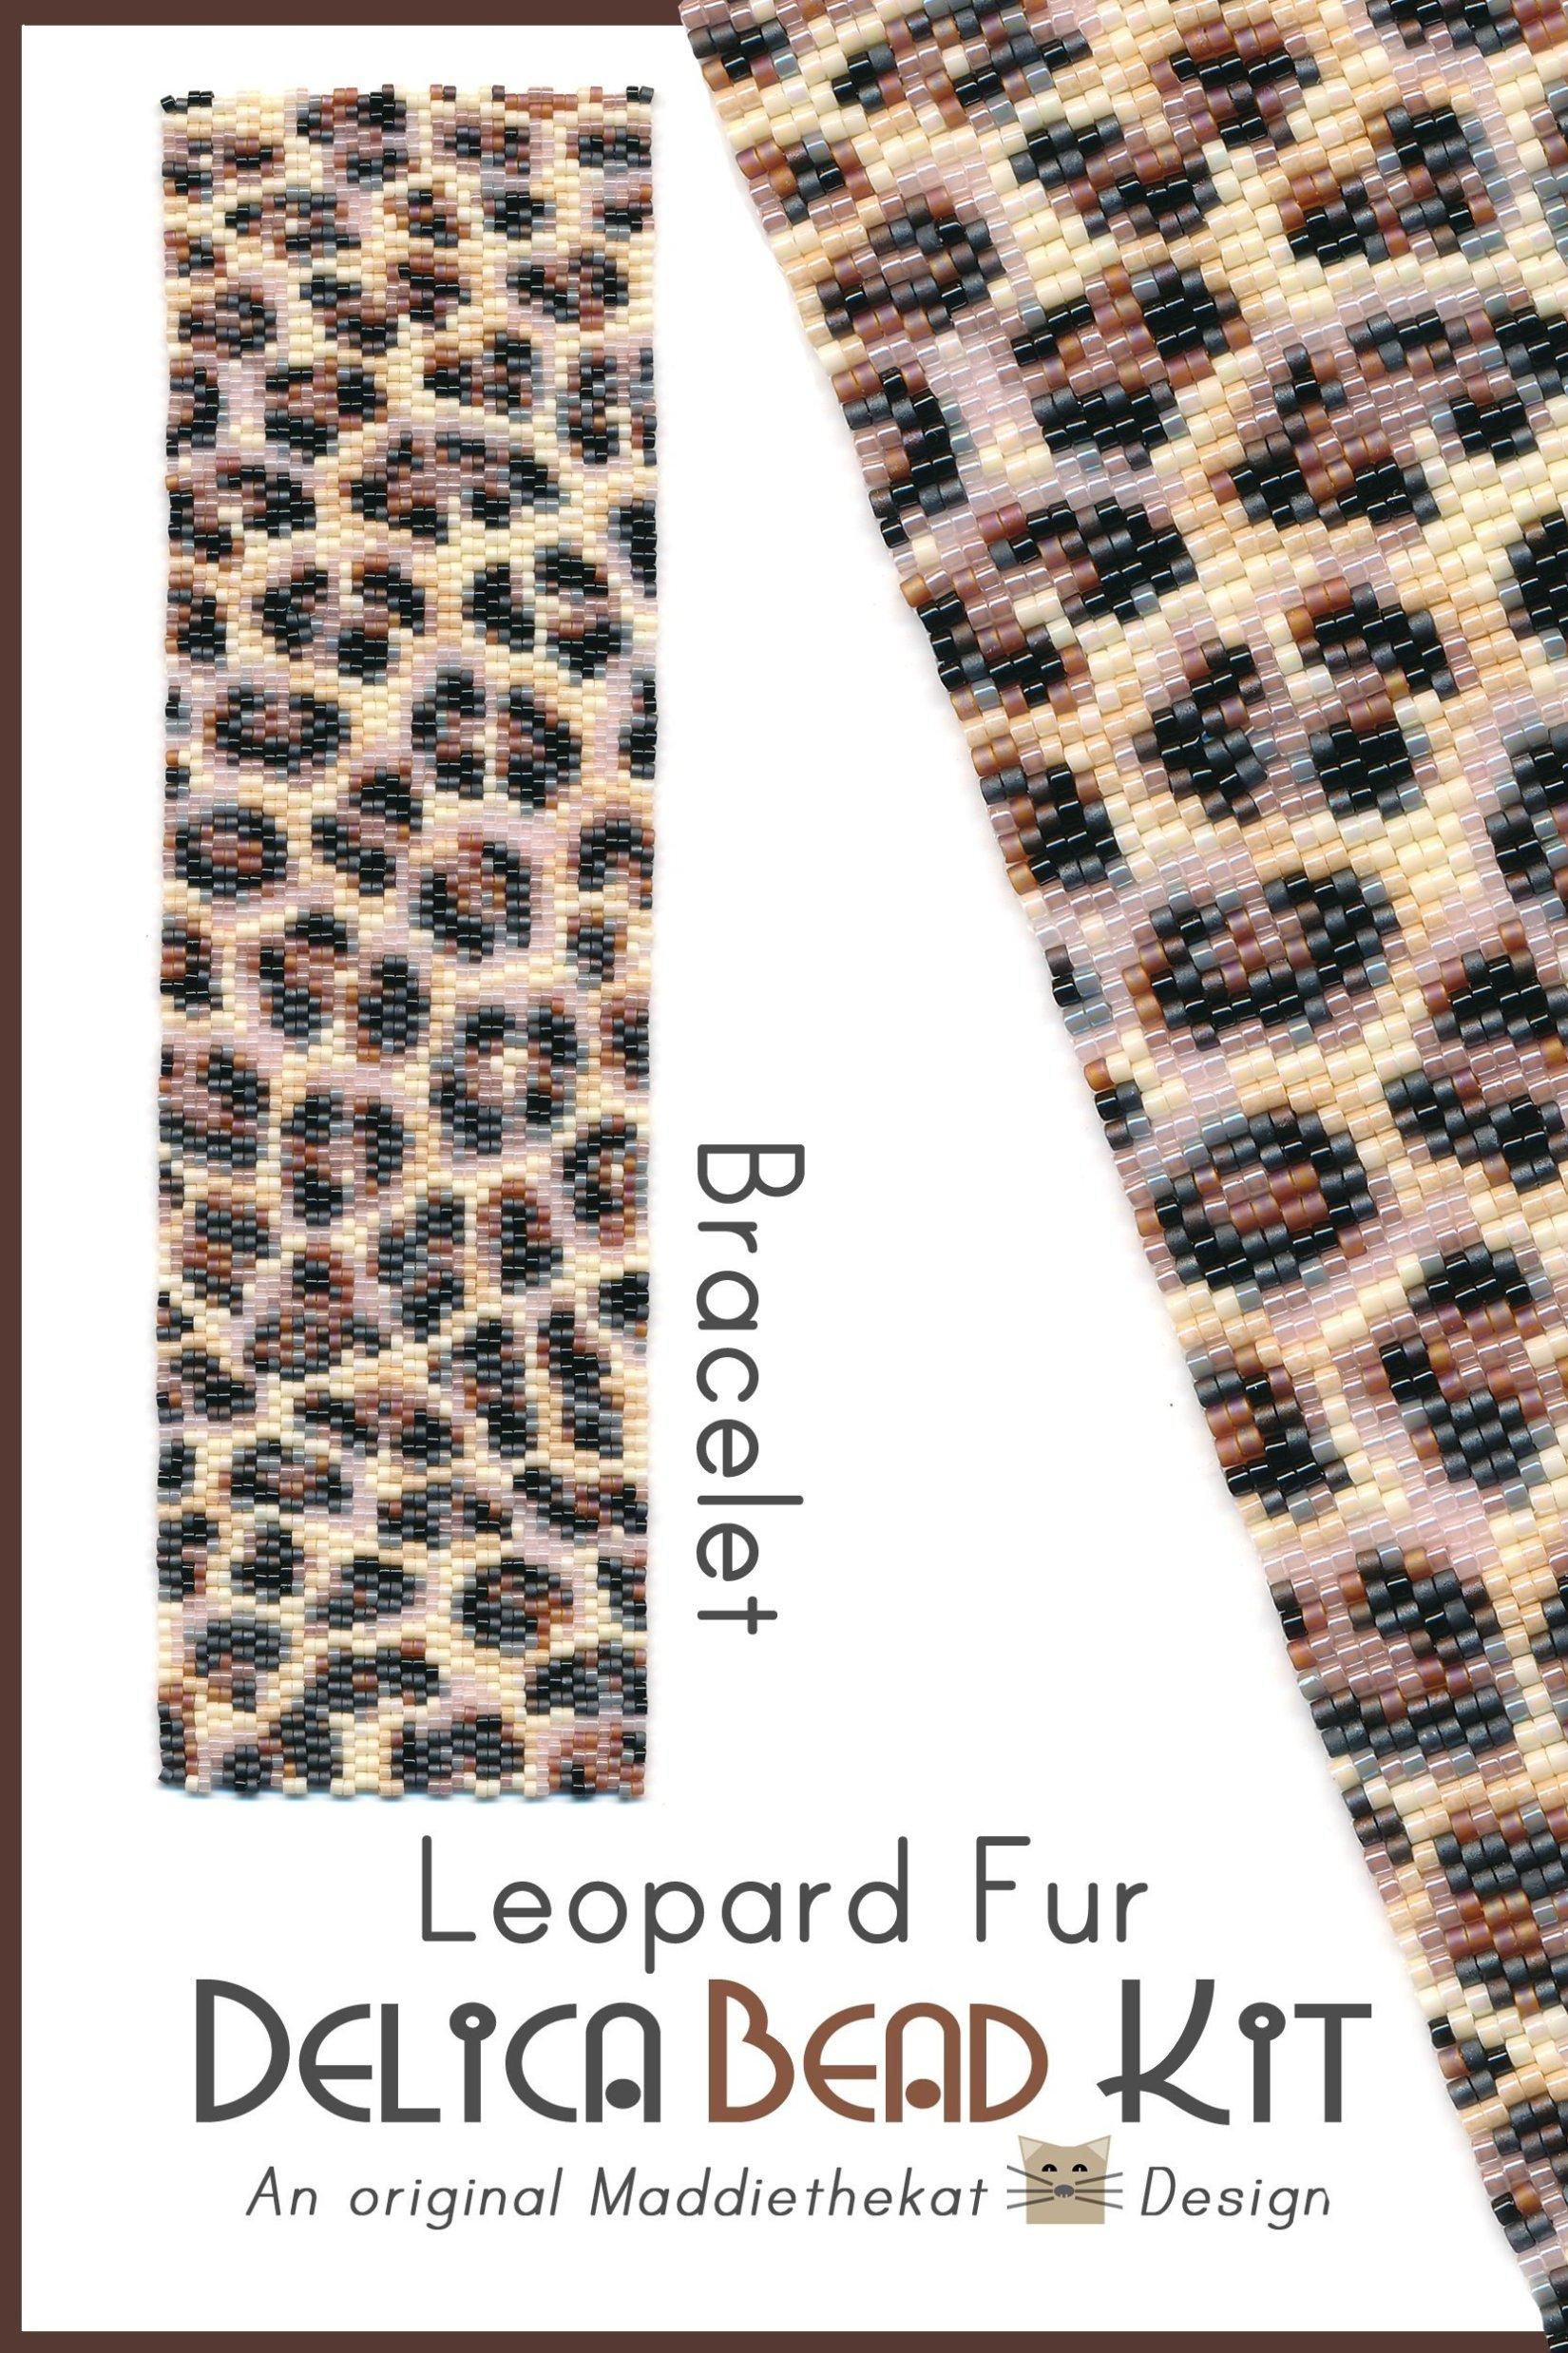 Leopard Fur Wide Cuff Bracelet 2-Drop Peyote Bead Pattern or Bead Kit